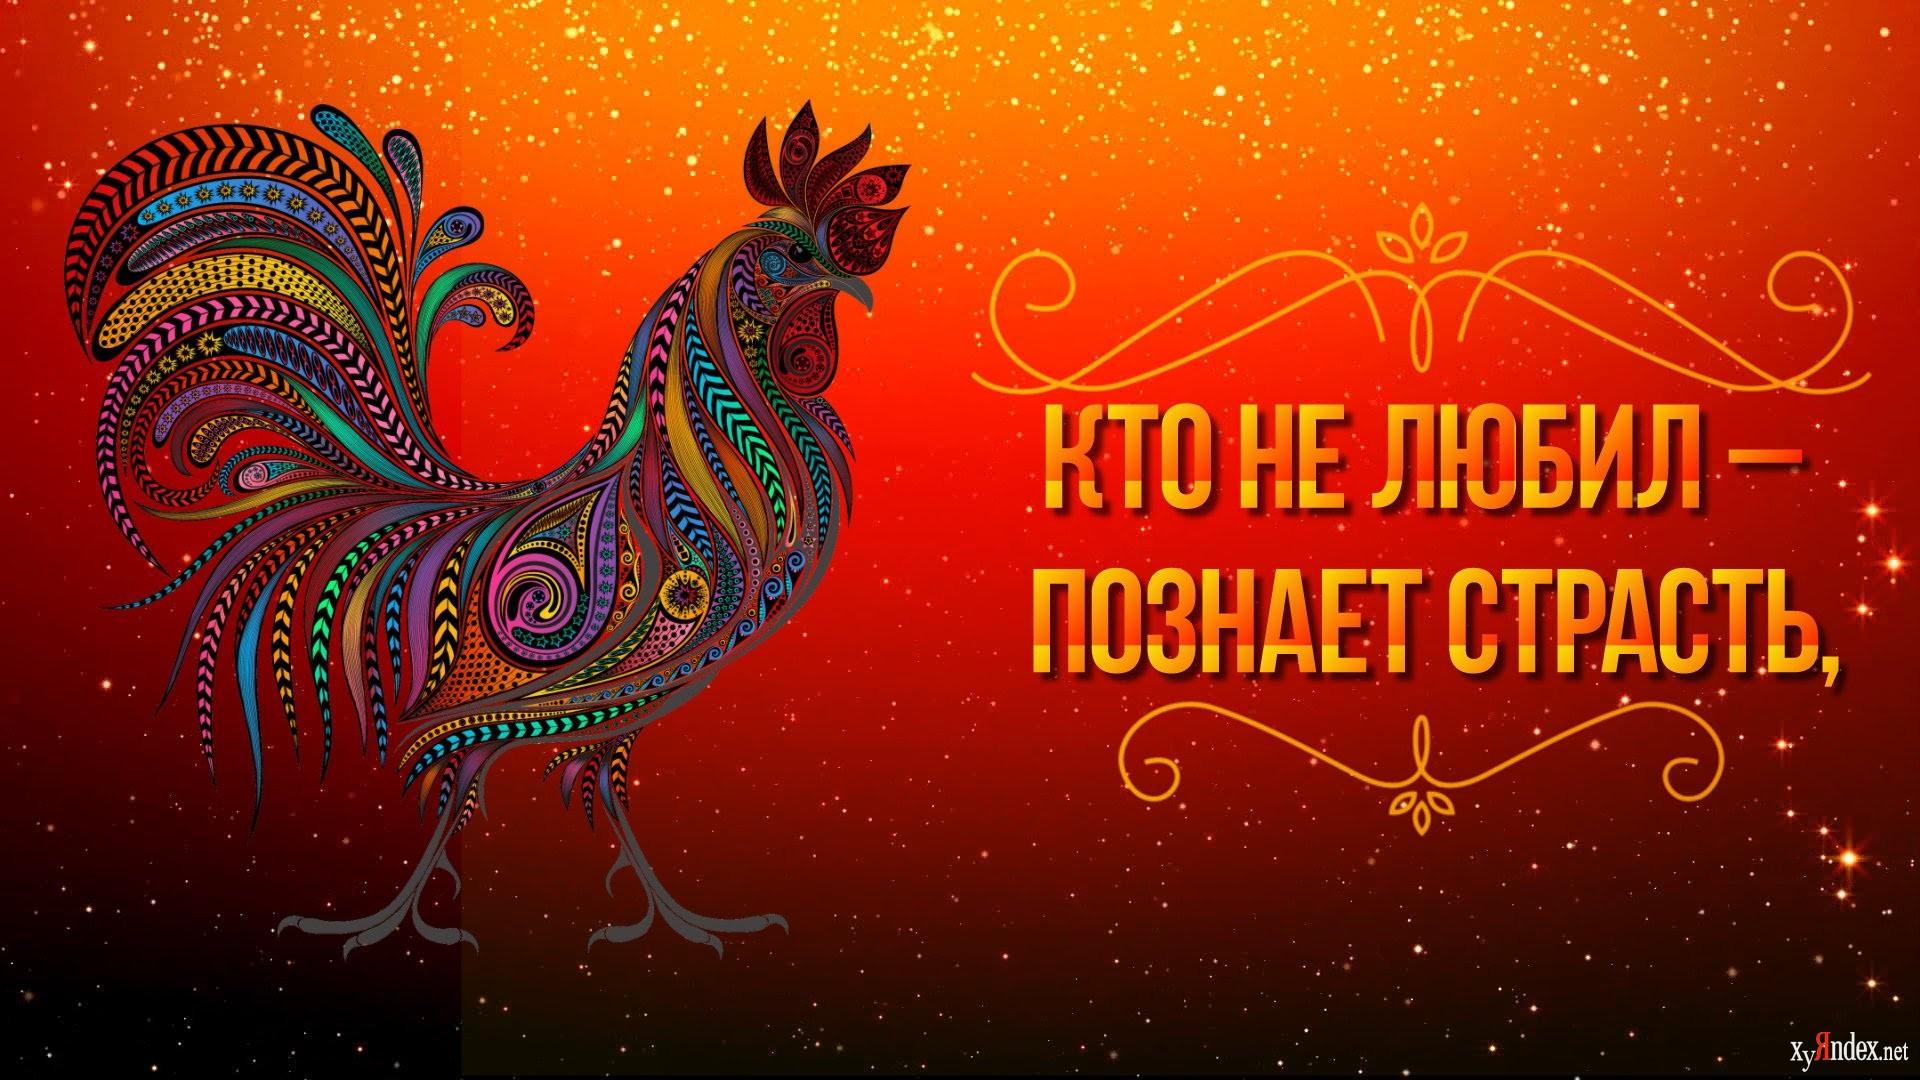 Открытки видео, открытка с новым годом петуха 2017